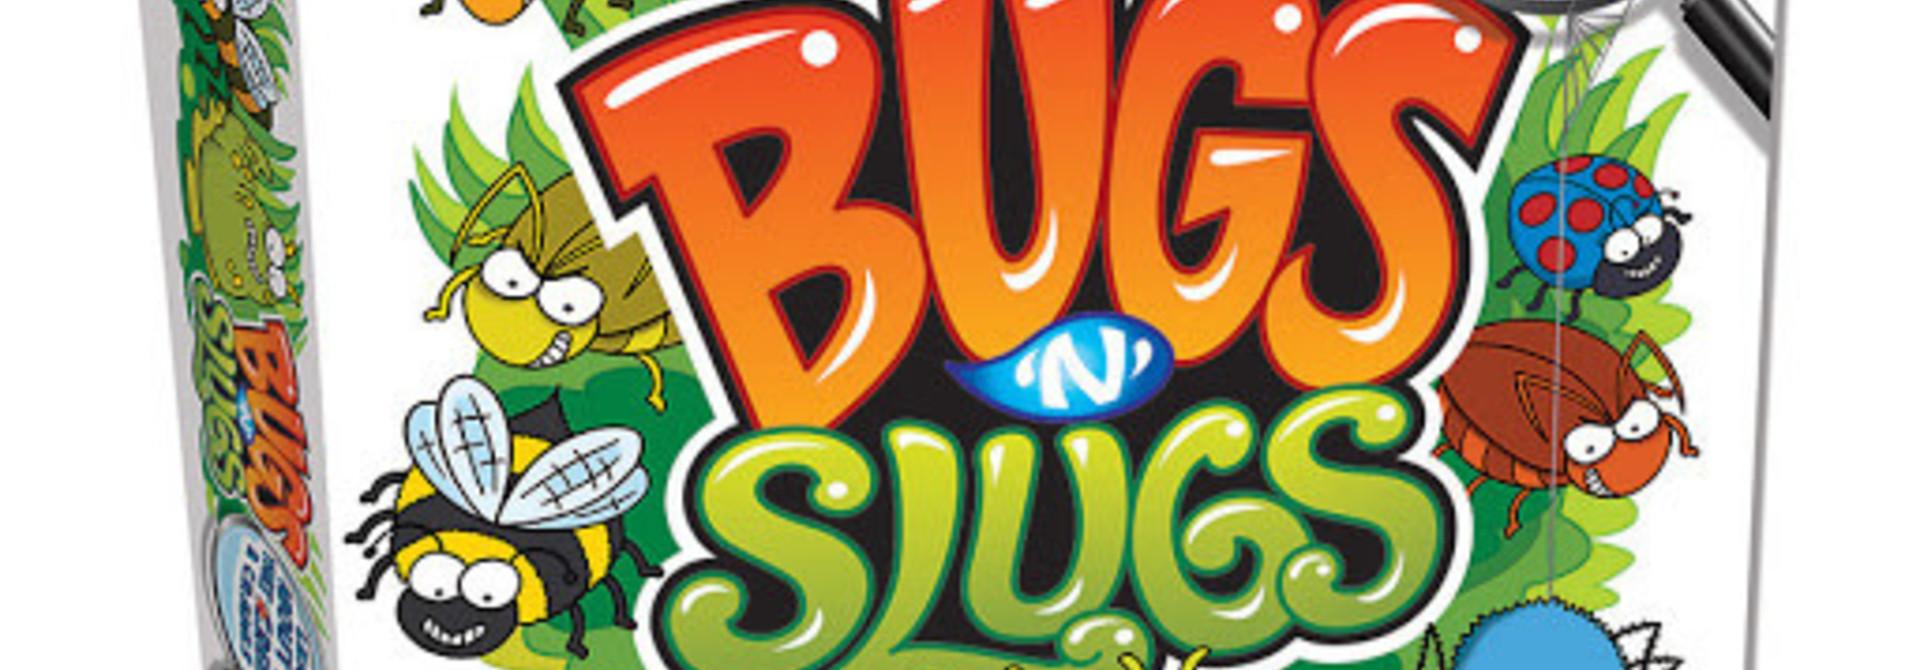 Bugs N' Slugs Game